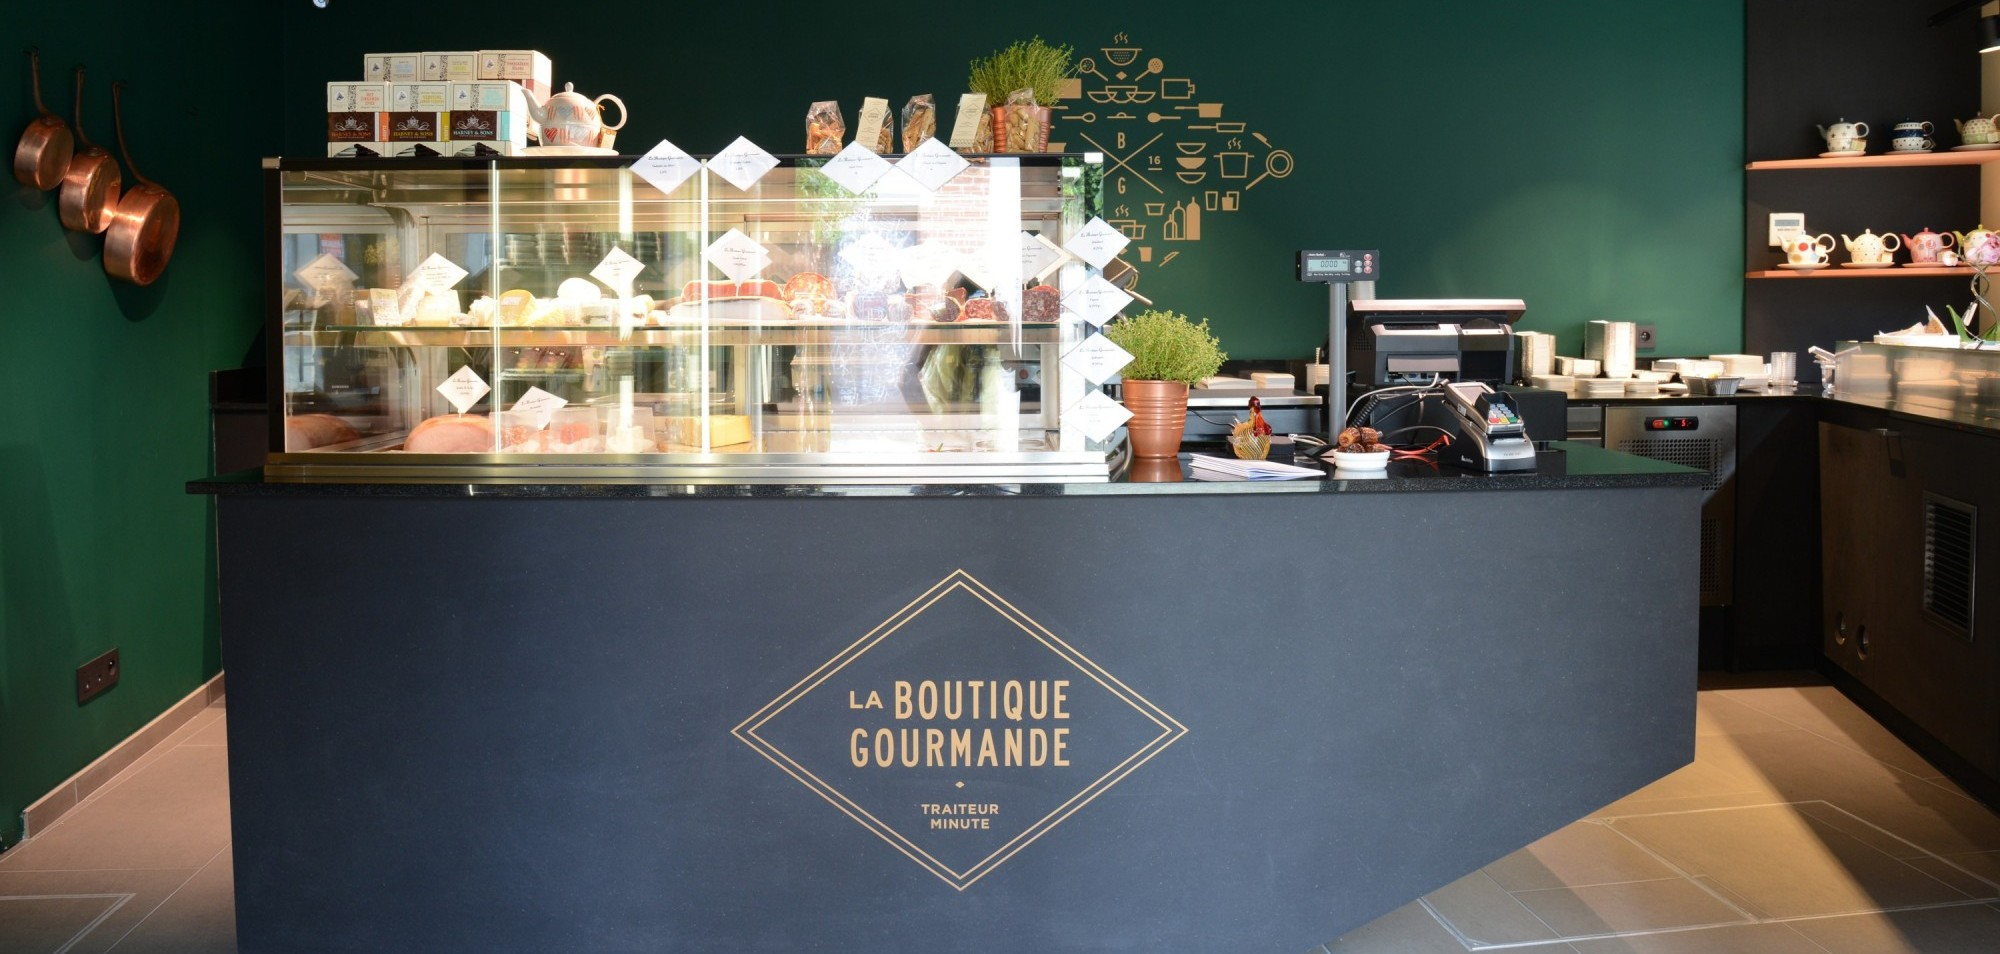 La Boutique Gourmande Huy